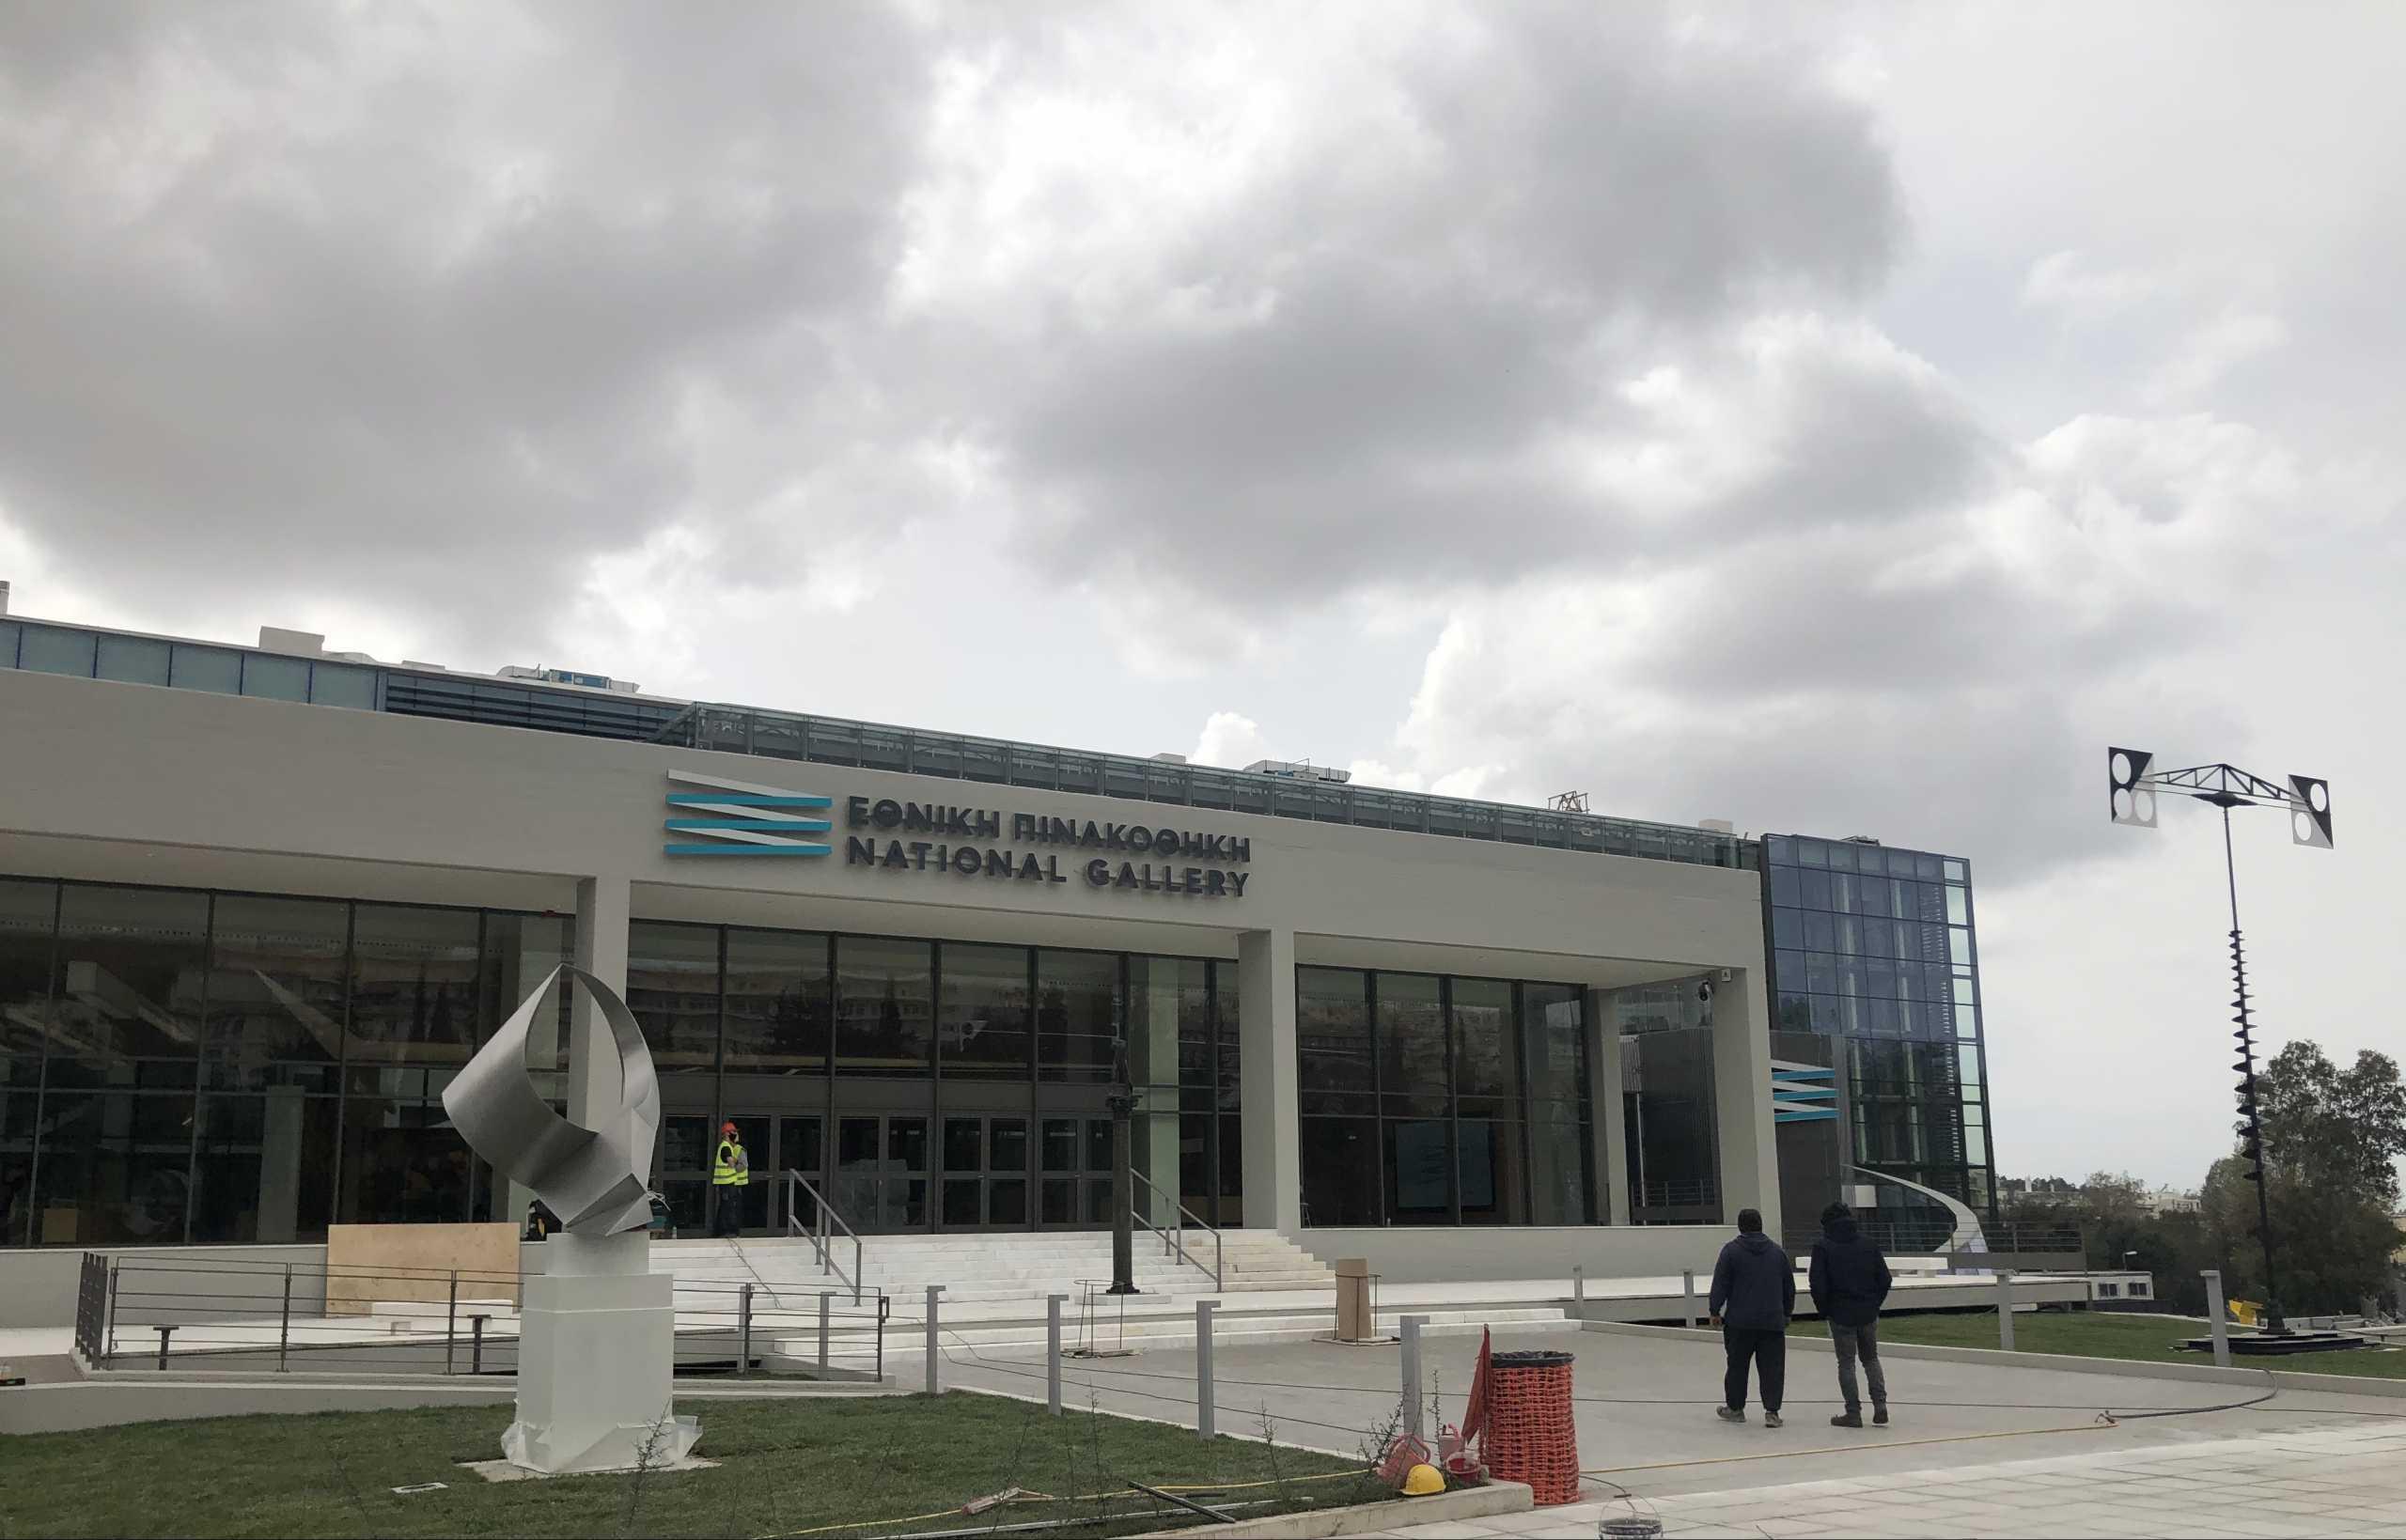 Υπουργείο Πολιτισμού: Το βίντεο για την επαναλειτουργία των μουσείων – Ανοίγει και η Εθνική Πινακοθήκη